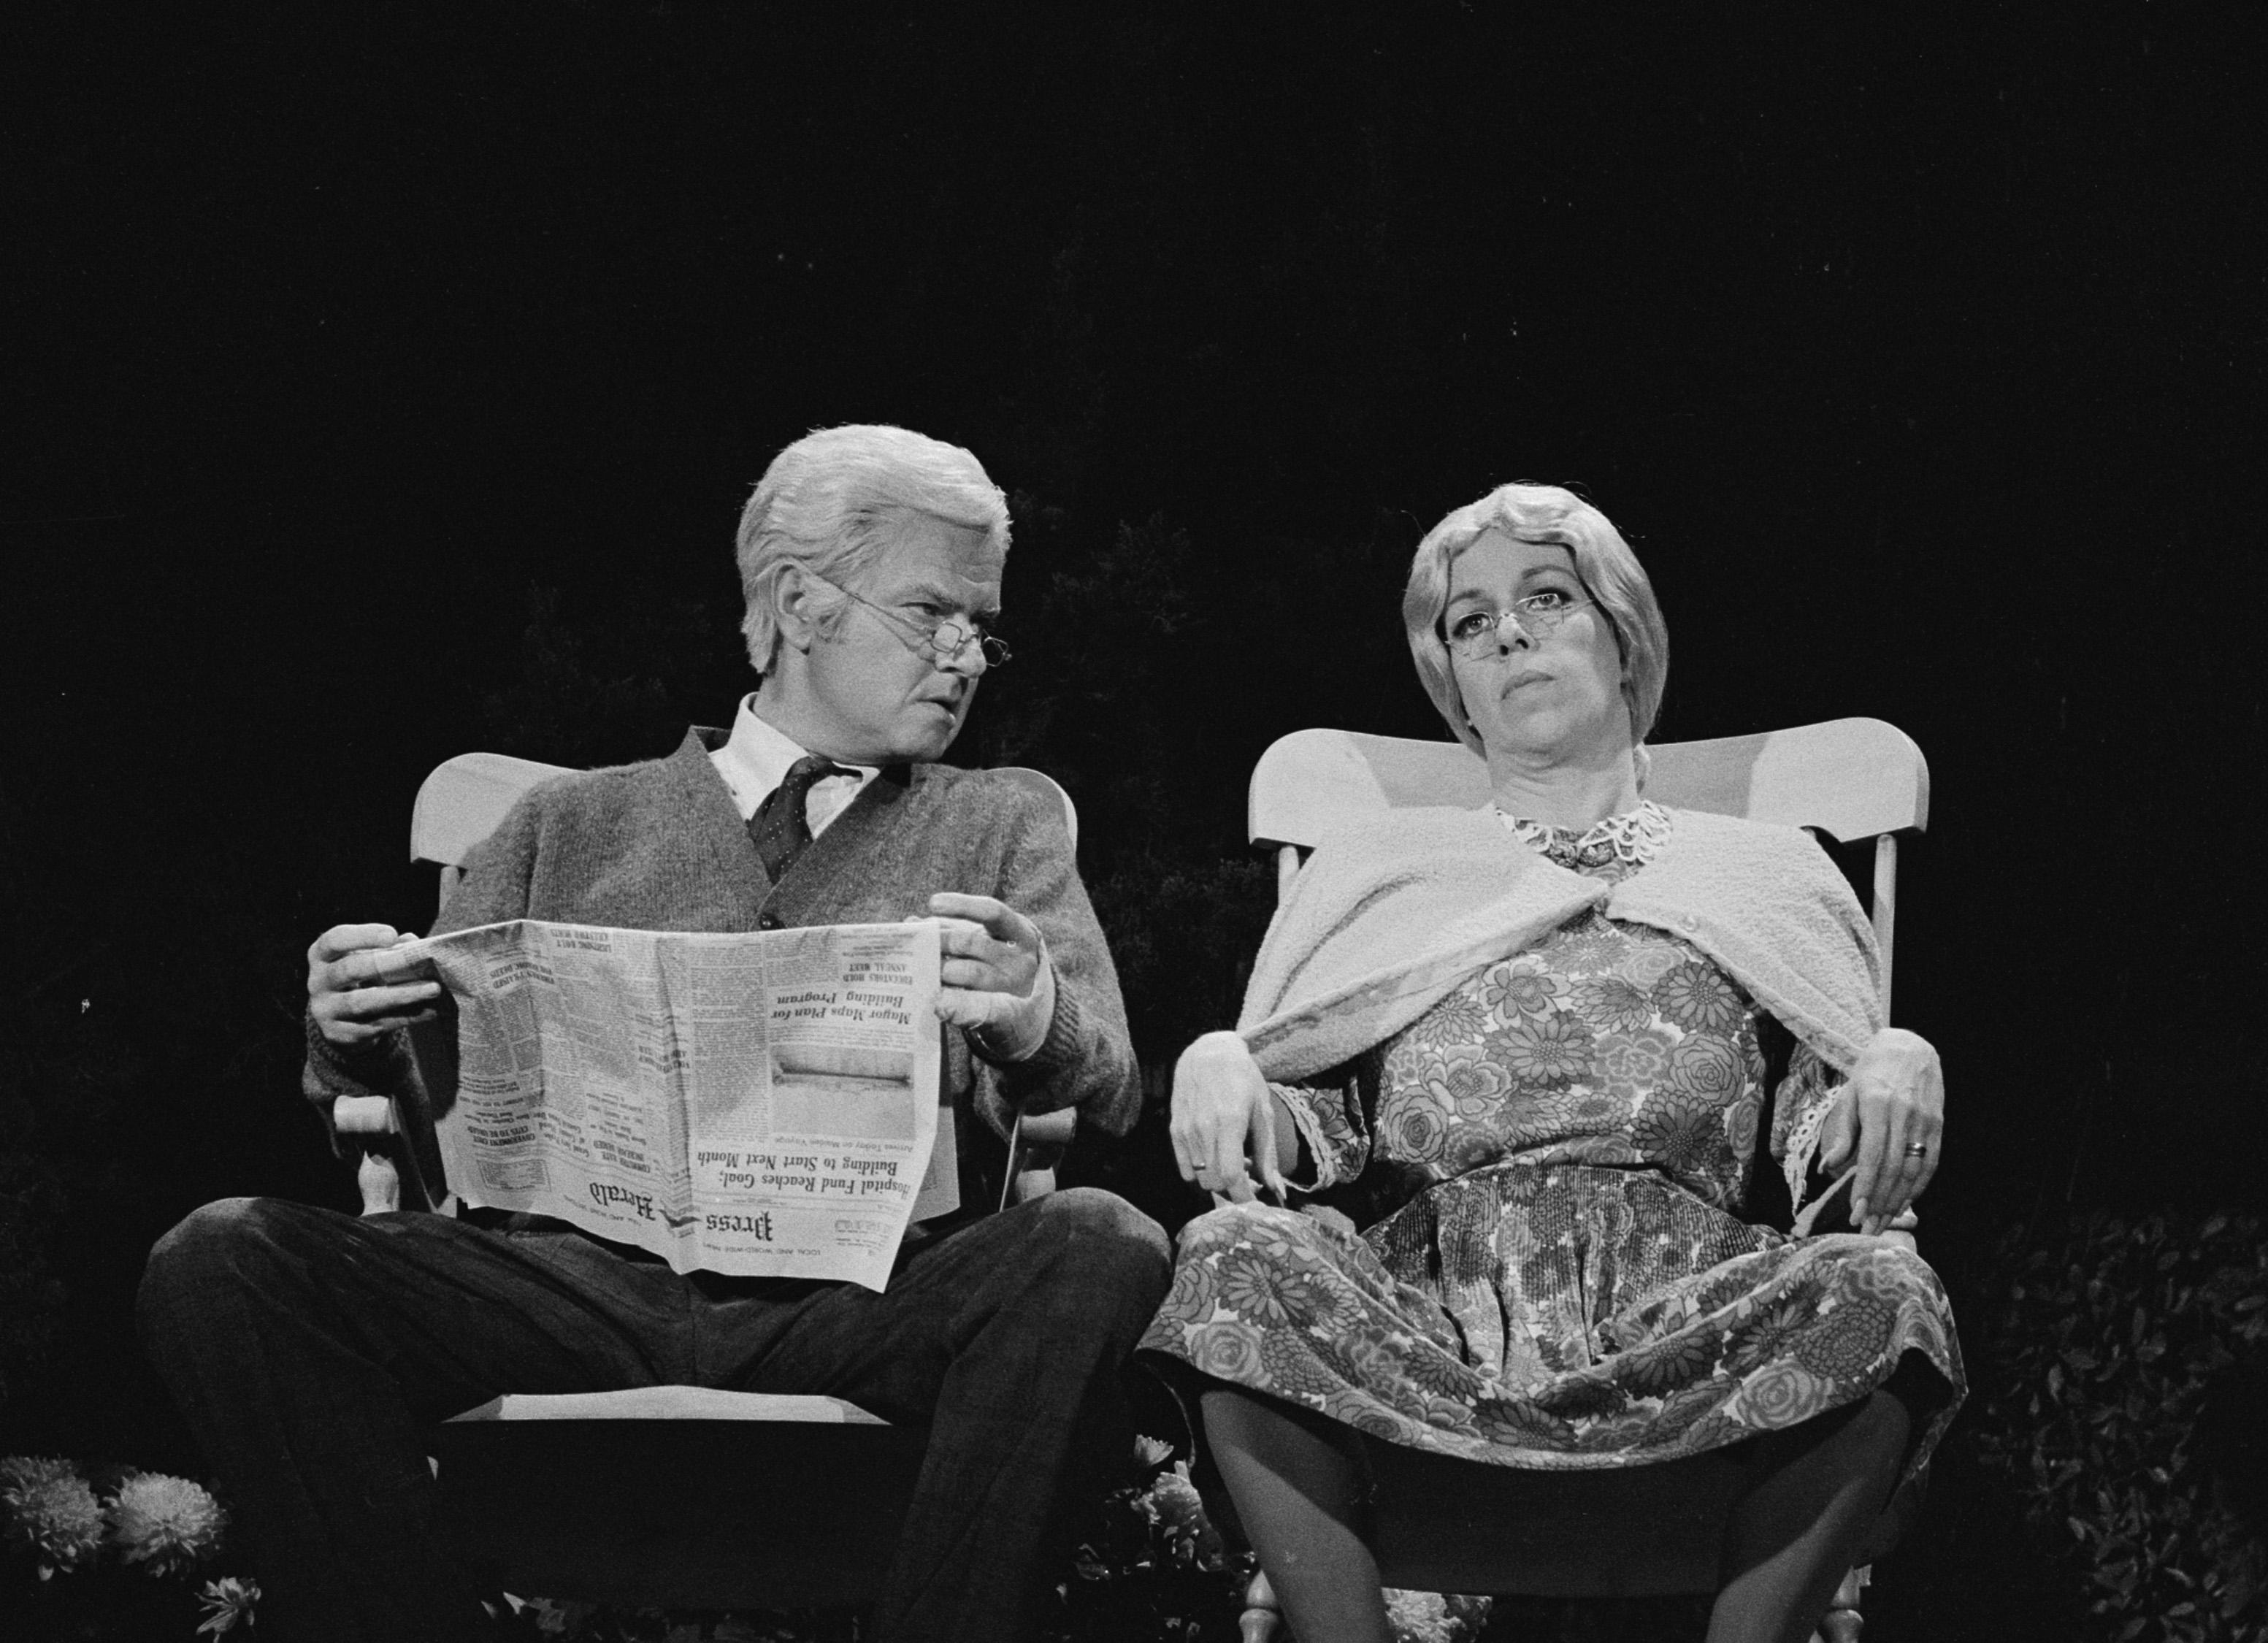 Carol Burnett and Harvey Korman in The Carol Burnett Show (1967)